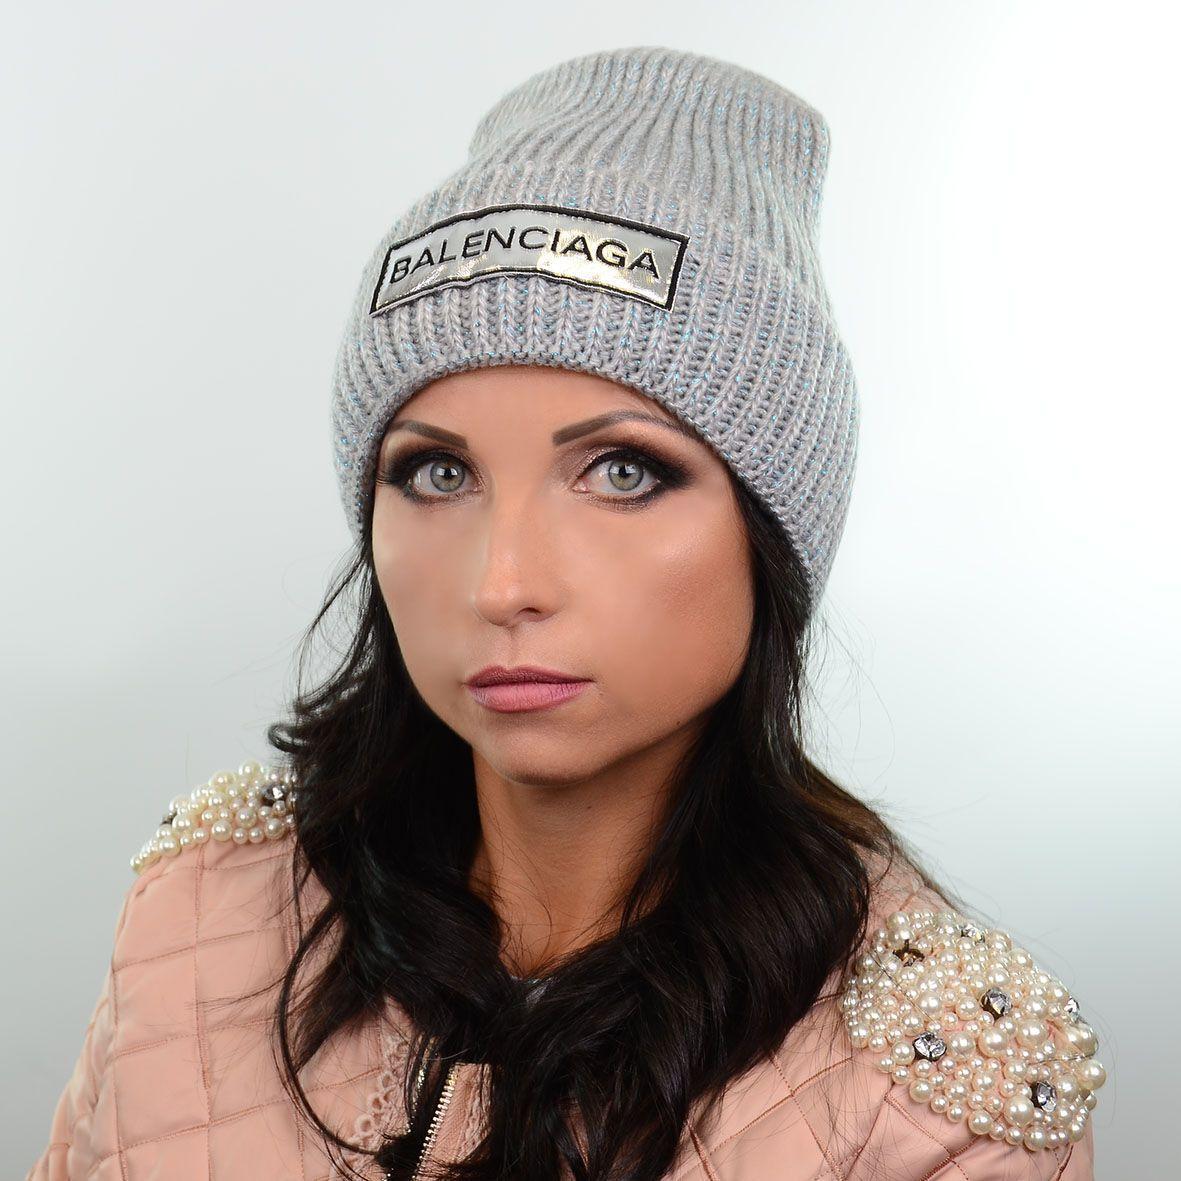 модная вязаная женская шапка с нашивкой Balanciaga 180581 свсерый